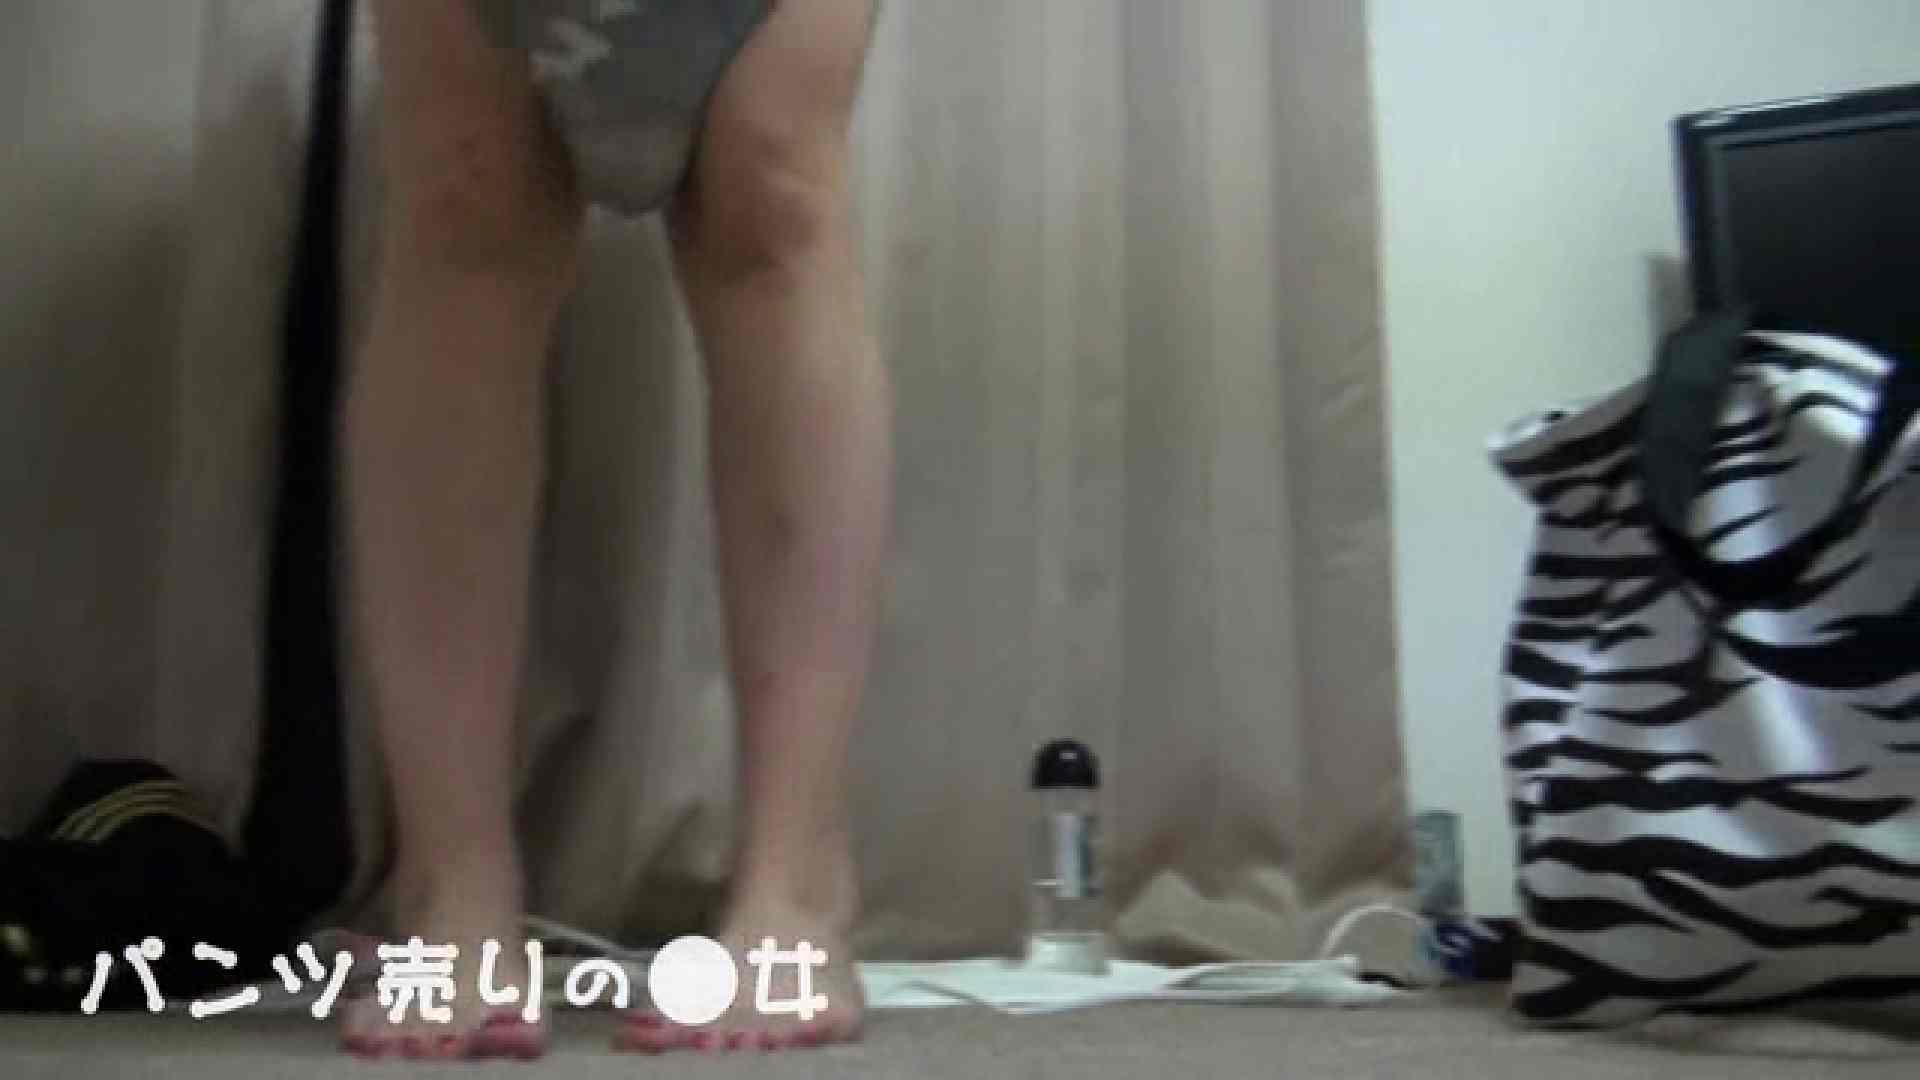 新説 パンツ売りの女の子mizuki02 一般投稿  76pic 56